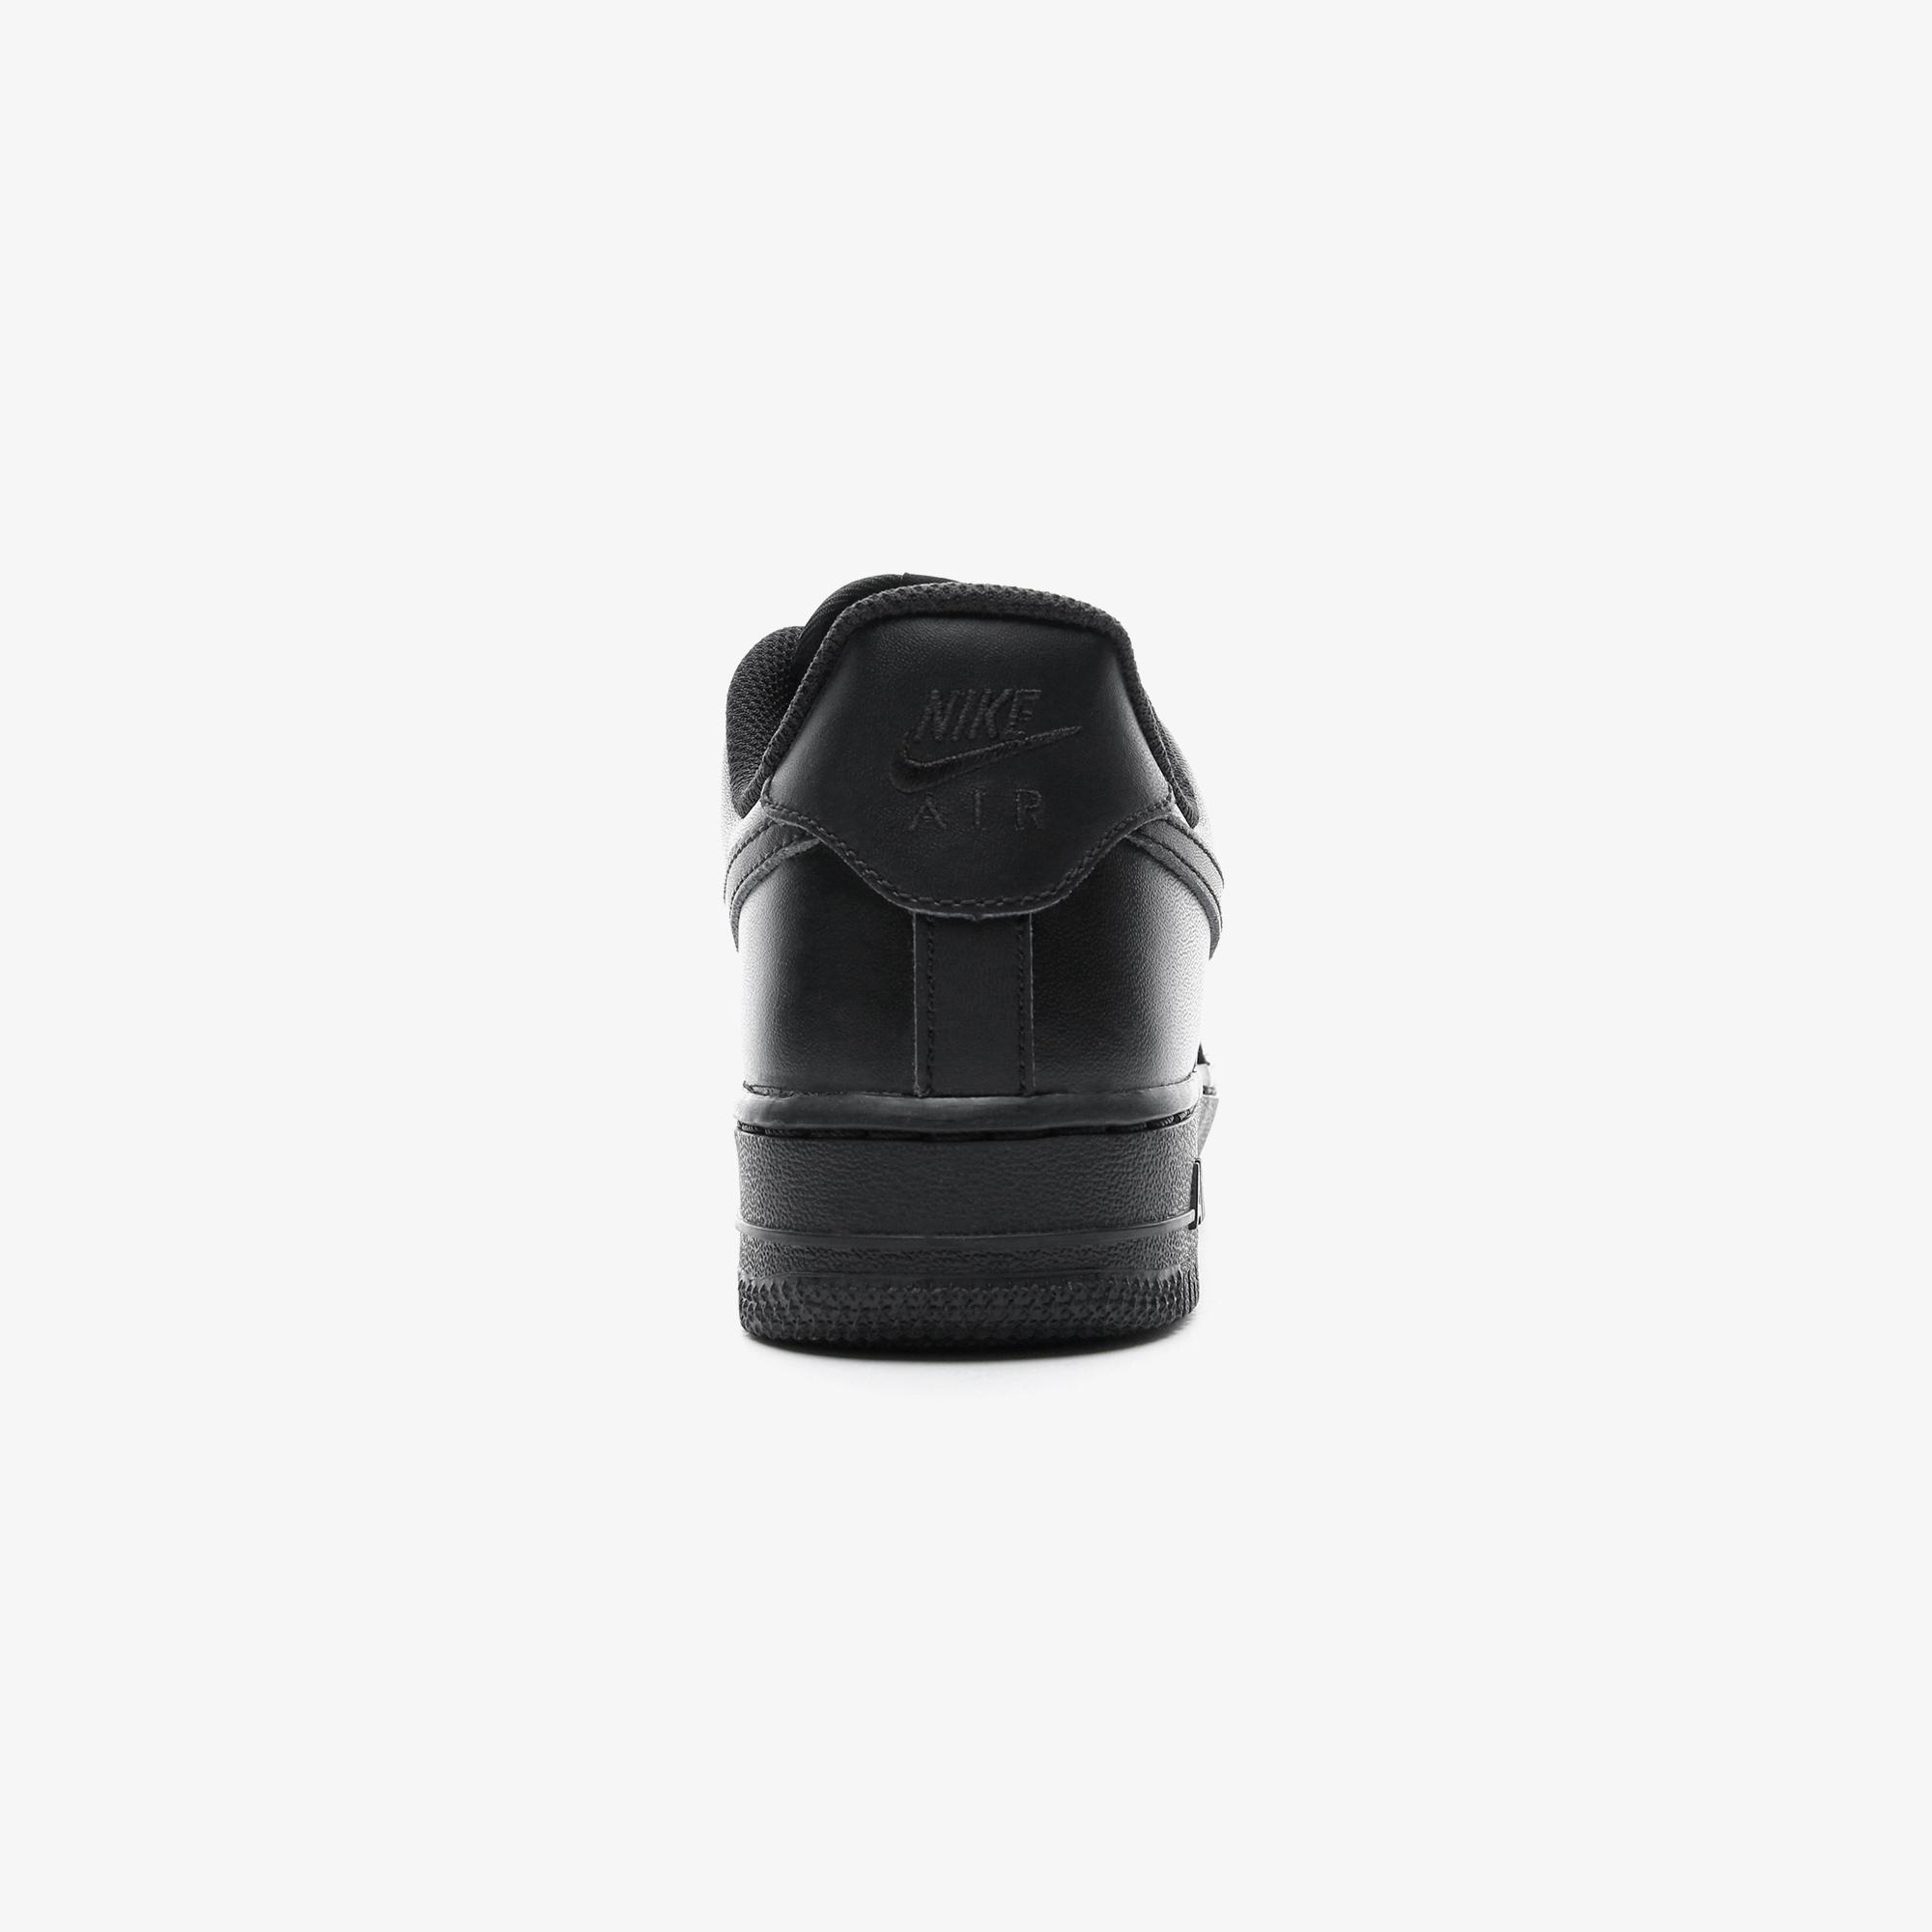 Nike Air Force 1 '07 Kadın Siyah Spor Ayakkabı